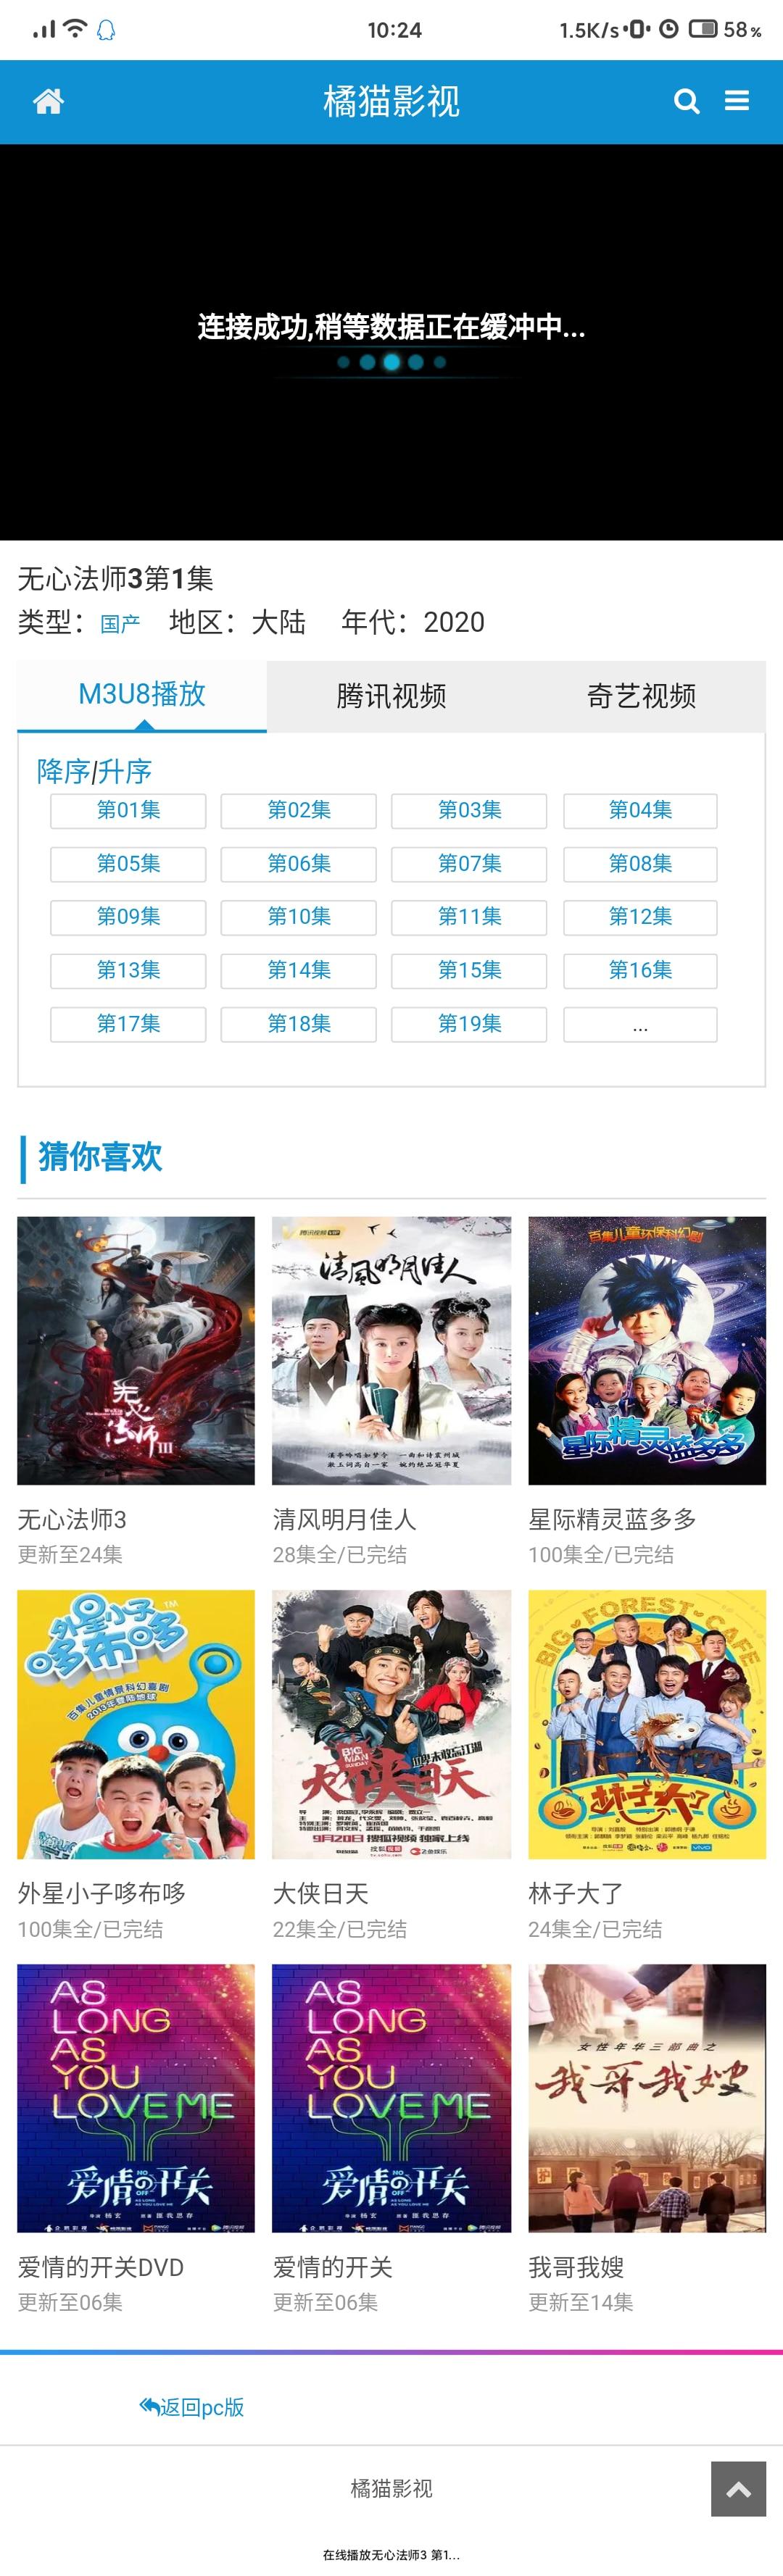 【寄售】苹果cmsv10仿樱花动漫PC+WAP模板插图(5)